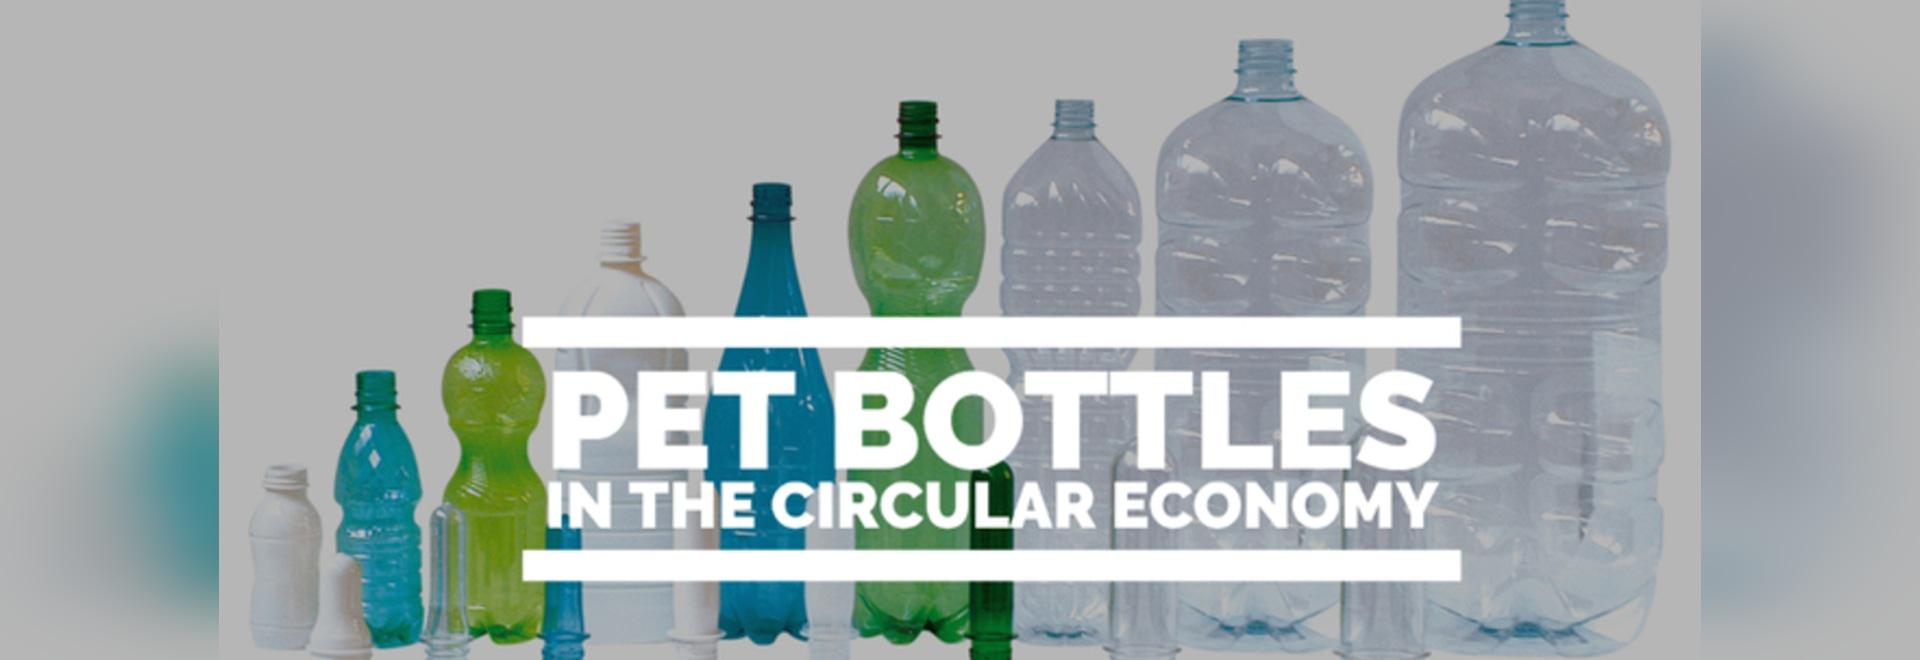 Les bouteilles en PET dans l'économie circulaire